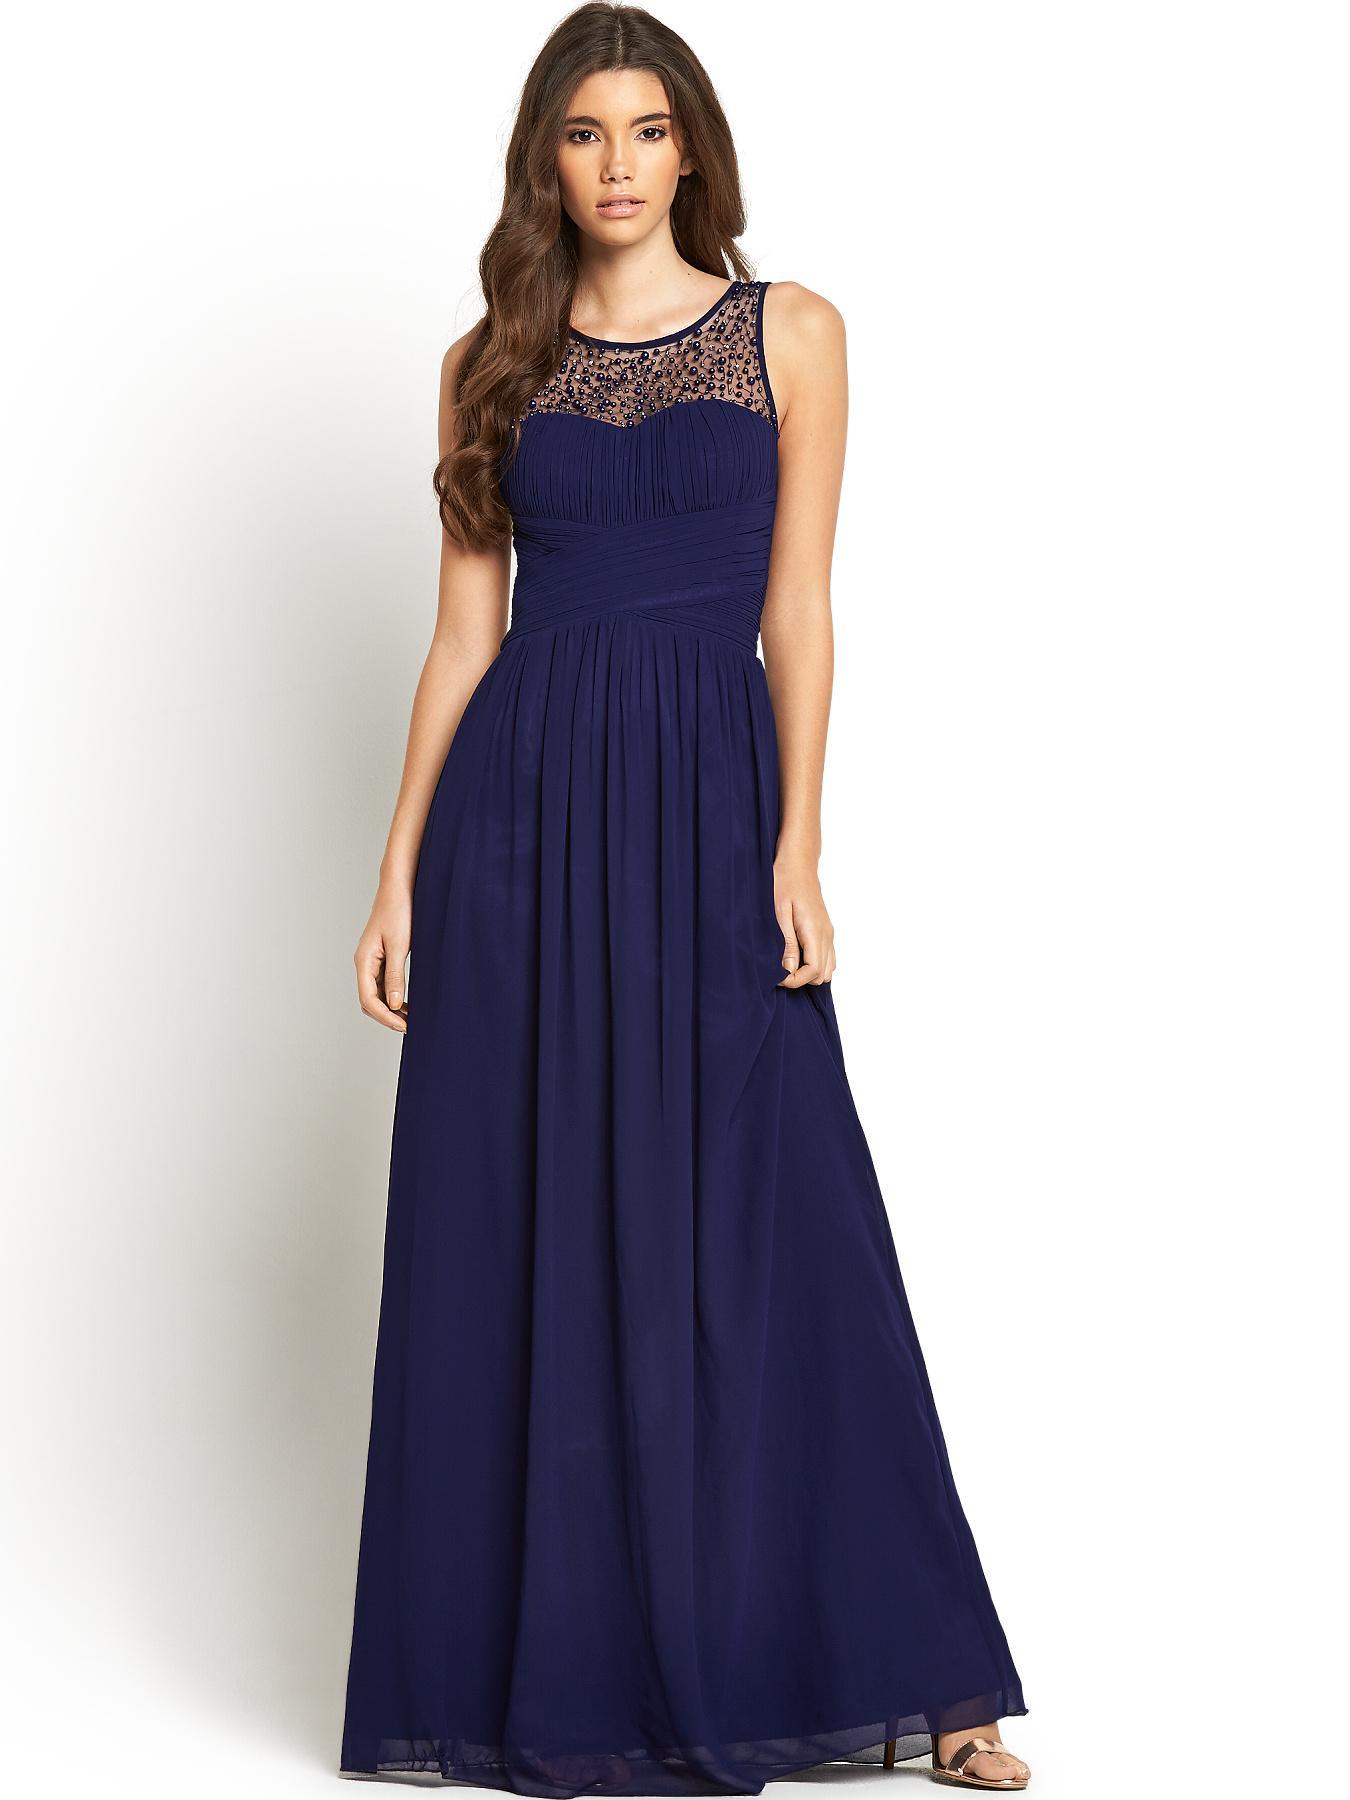 Long smart maxi dresses